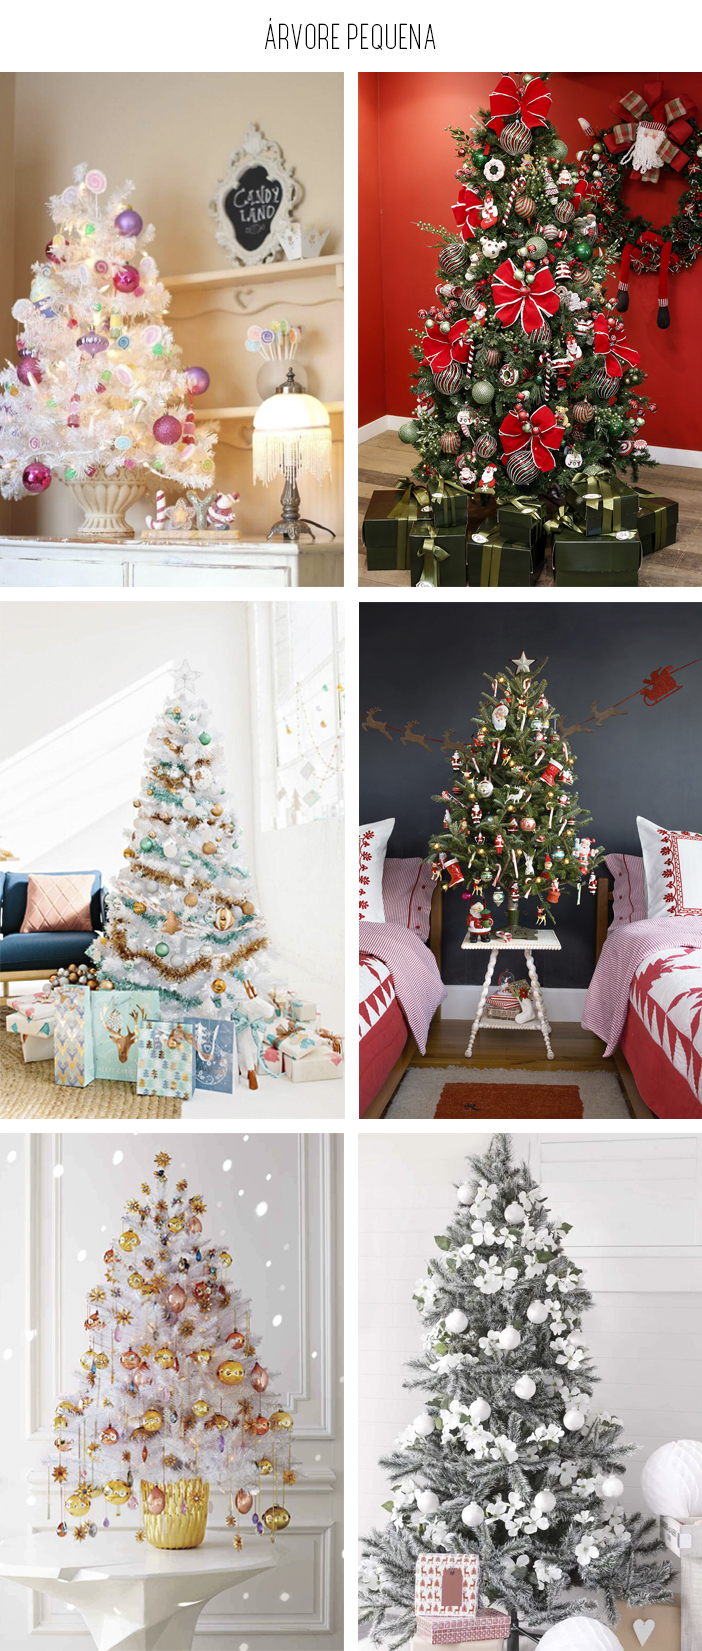 Inspiração - Decoração de árvore de natal: Árvore Pequena